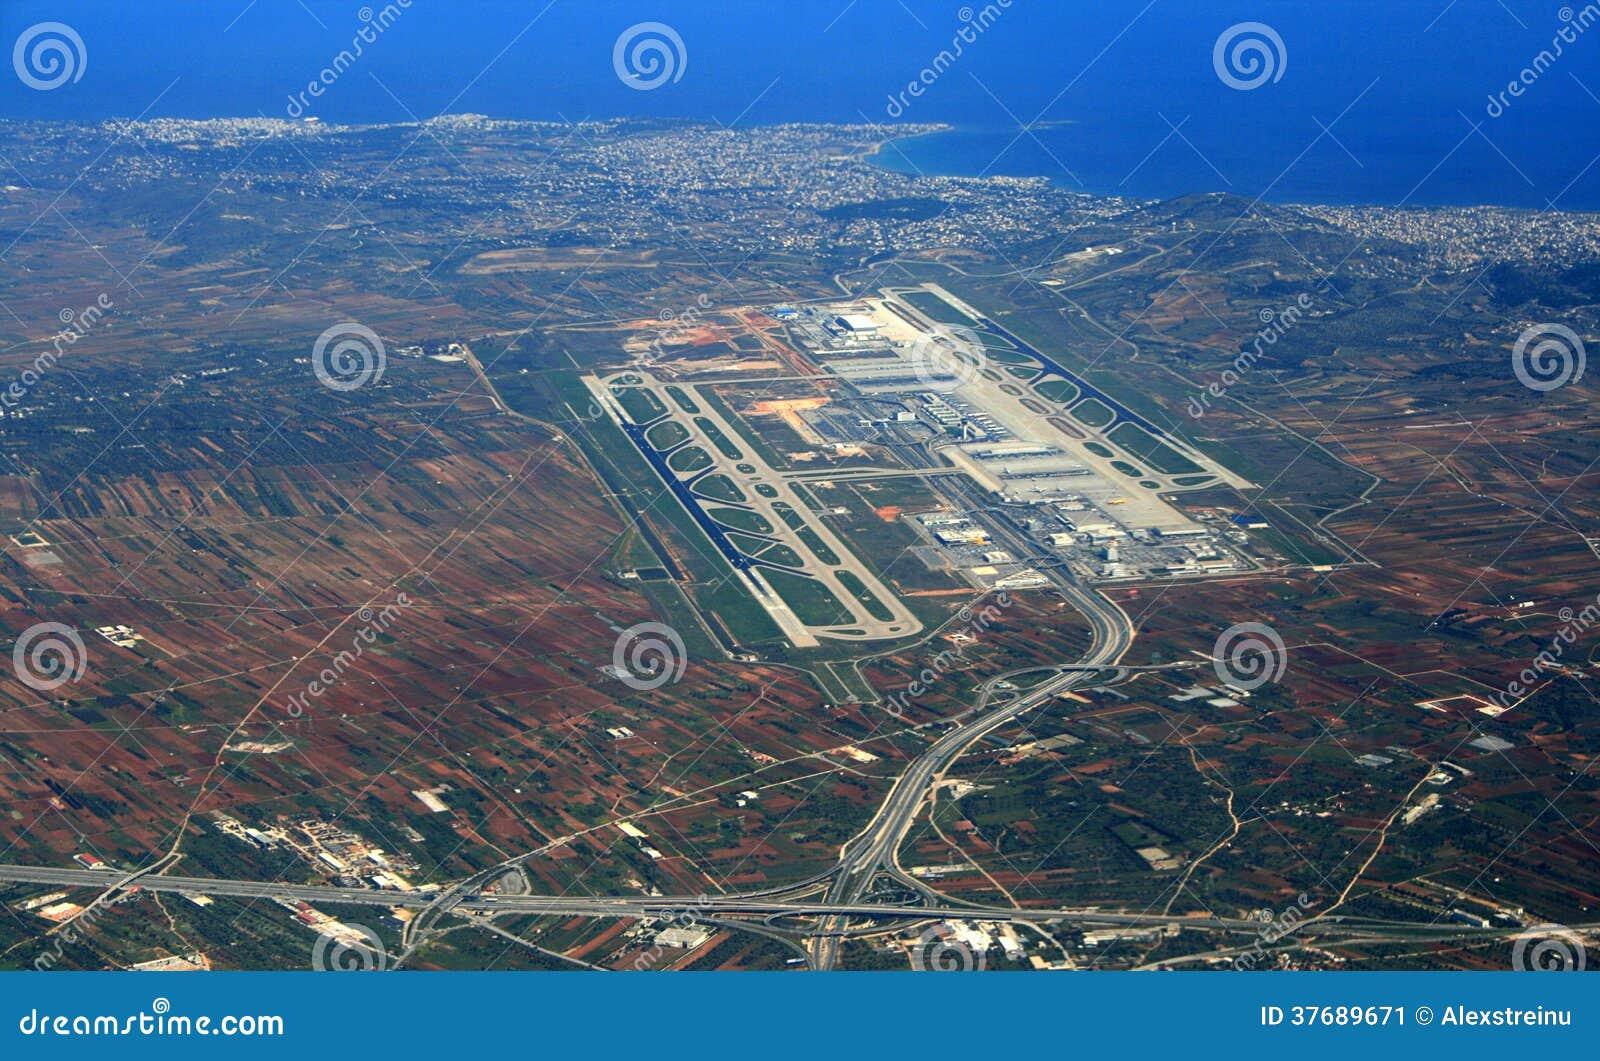 Aeroporto Atene : Vista aerea dell aeroporto di atene immagine stock